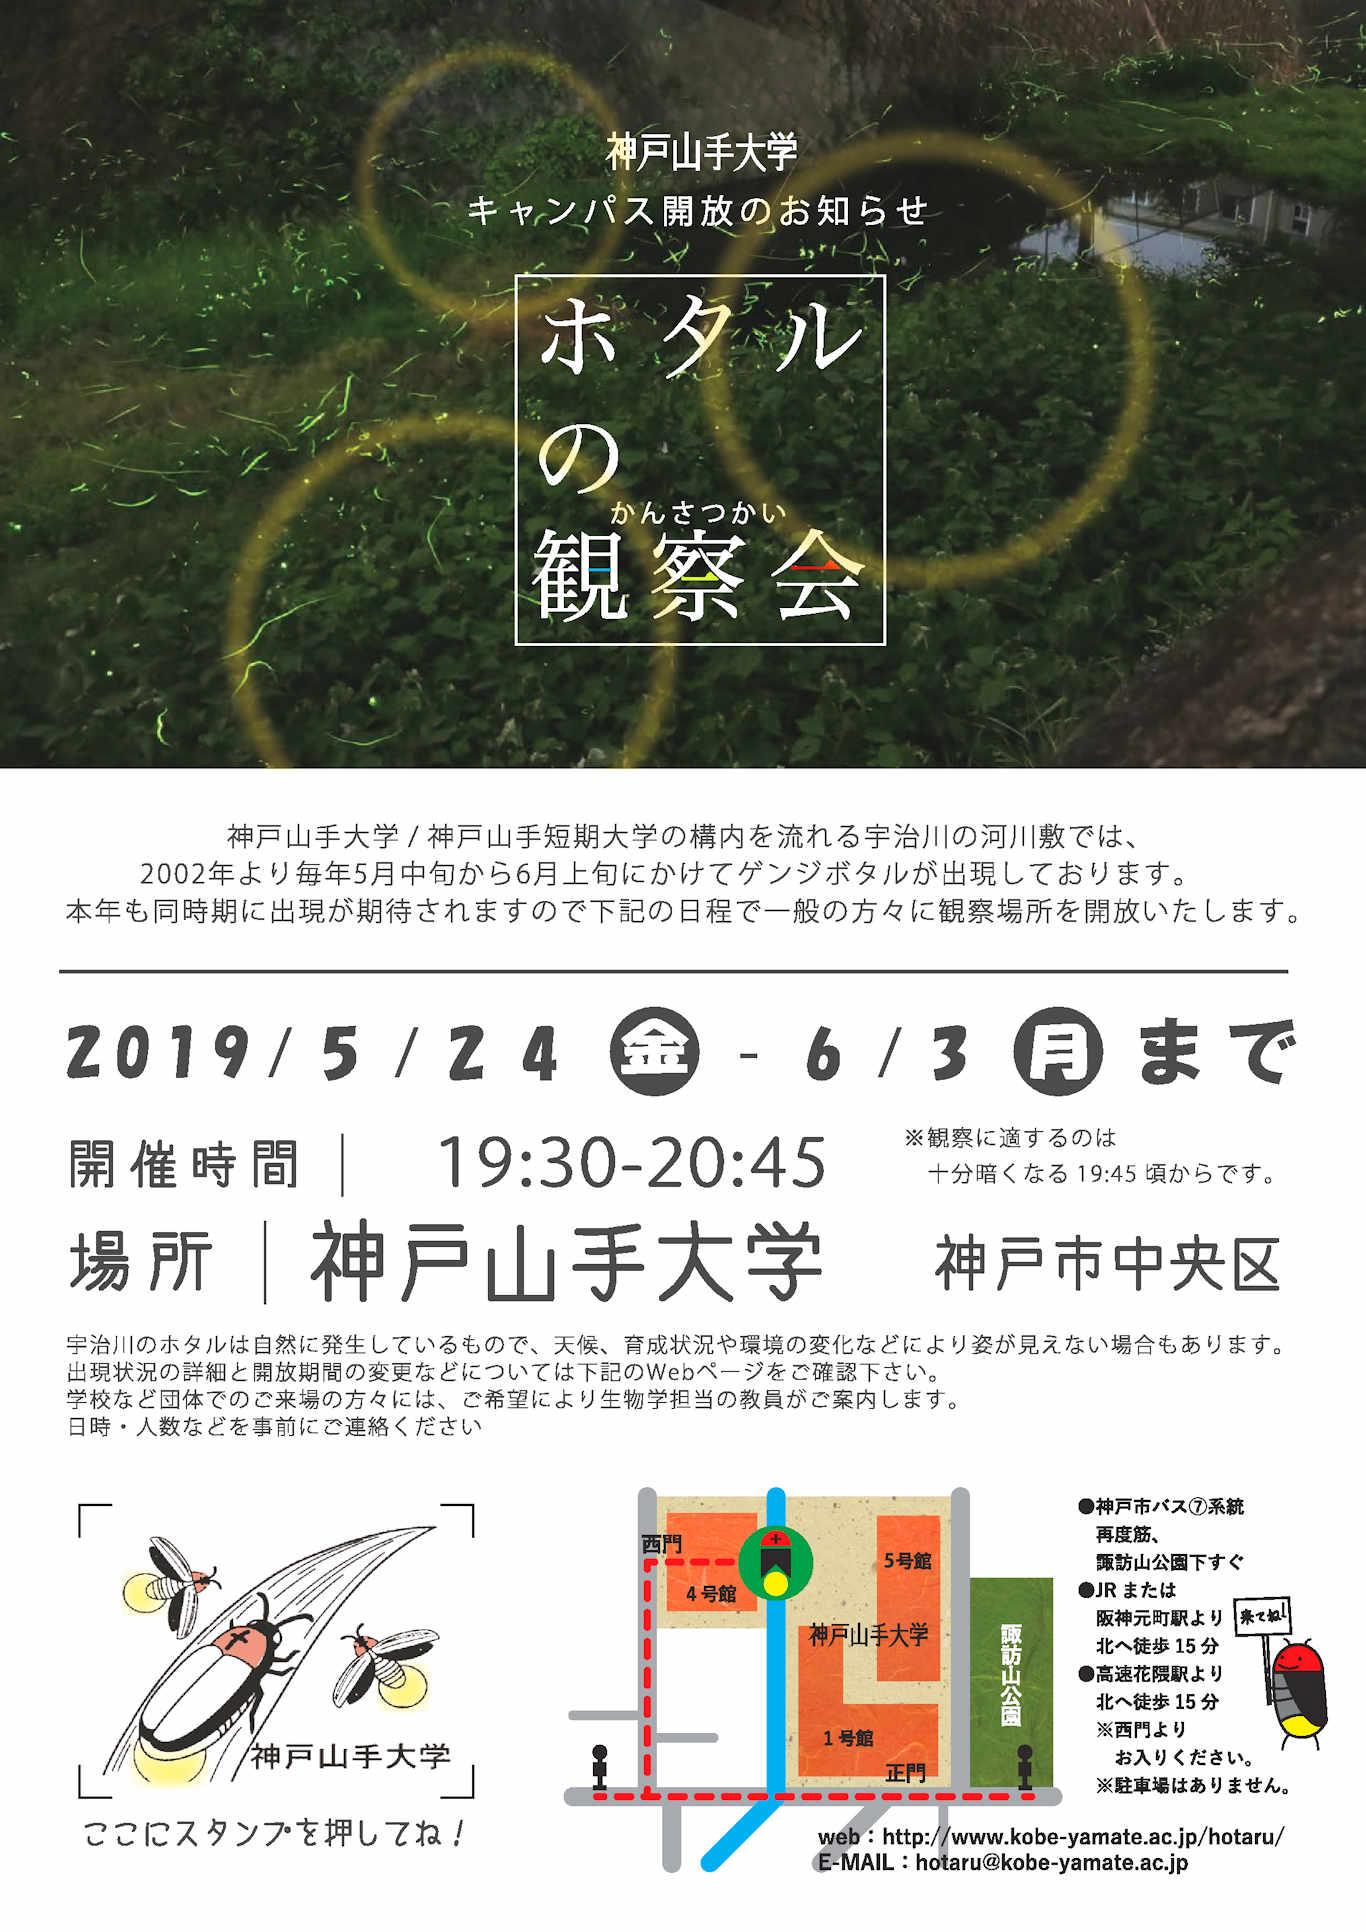 神戸山手大学・短期大学 ホタル観察会2017